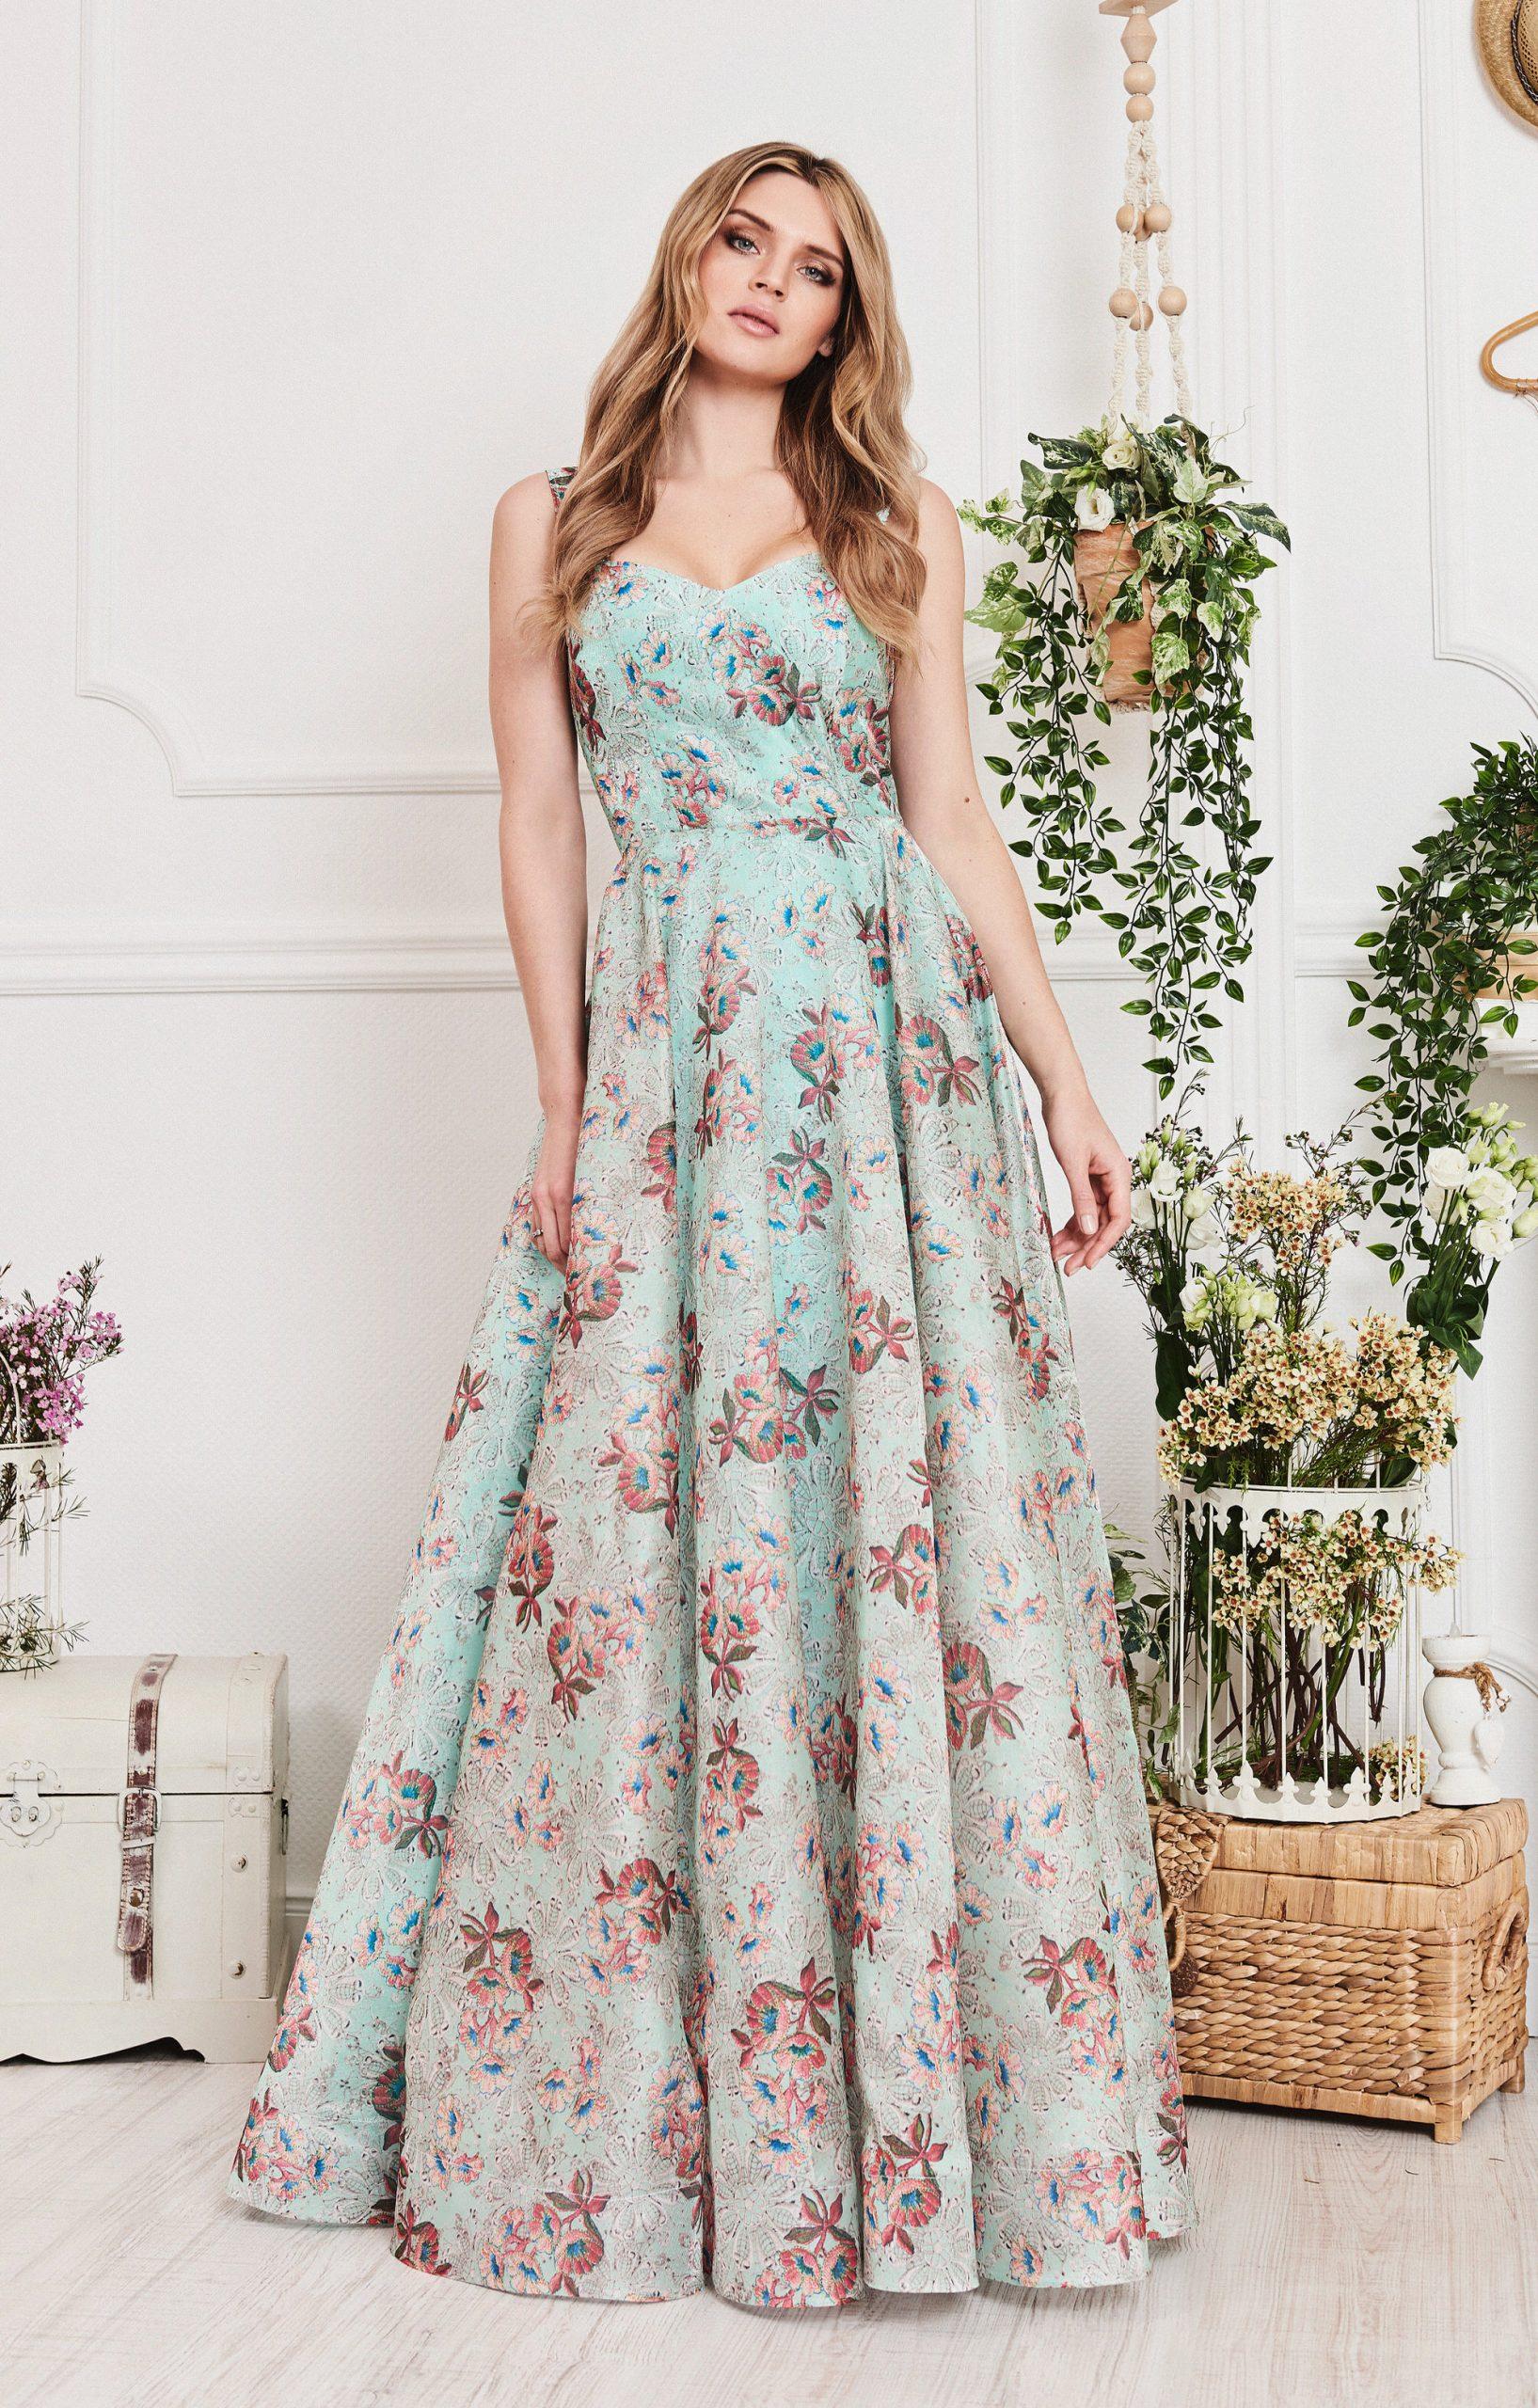 Formal Einfach Abendkleid Berlin Boutique10 Schön Abendkleid Berlin für 2019